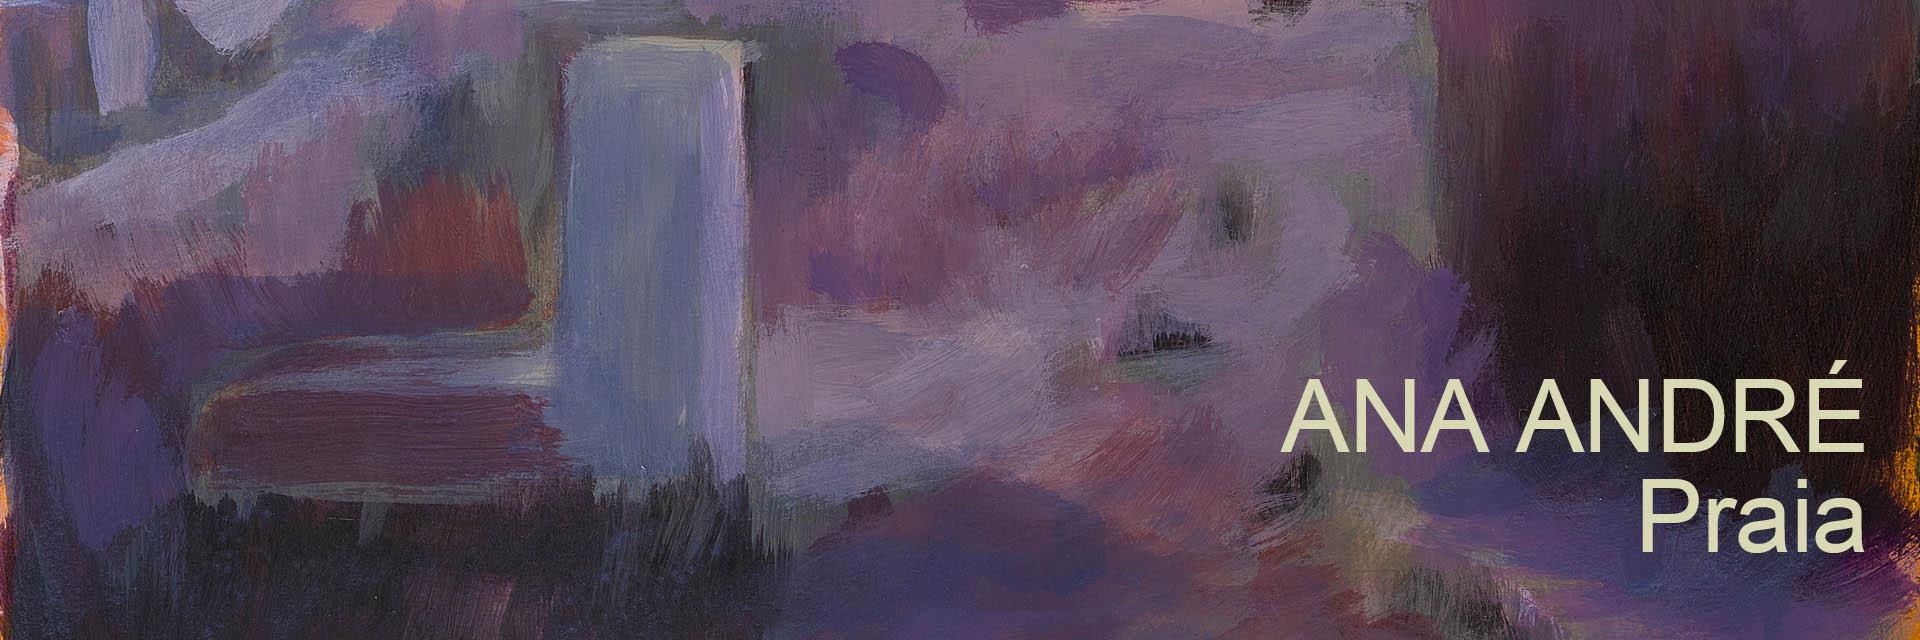 exposição de pintura de Ana André. Série: Praia